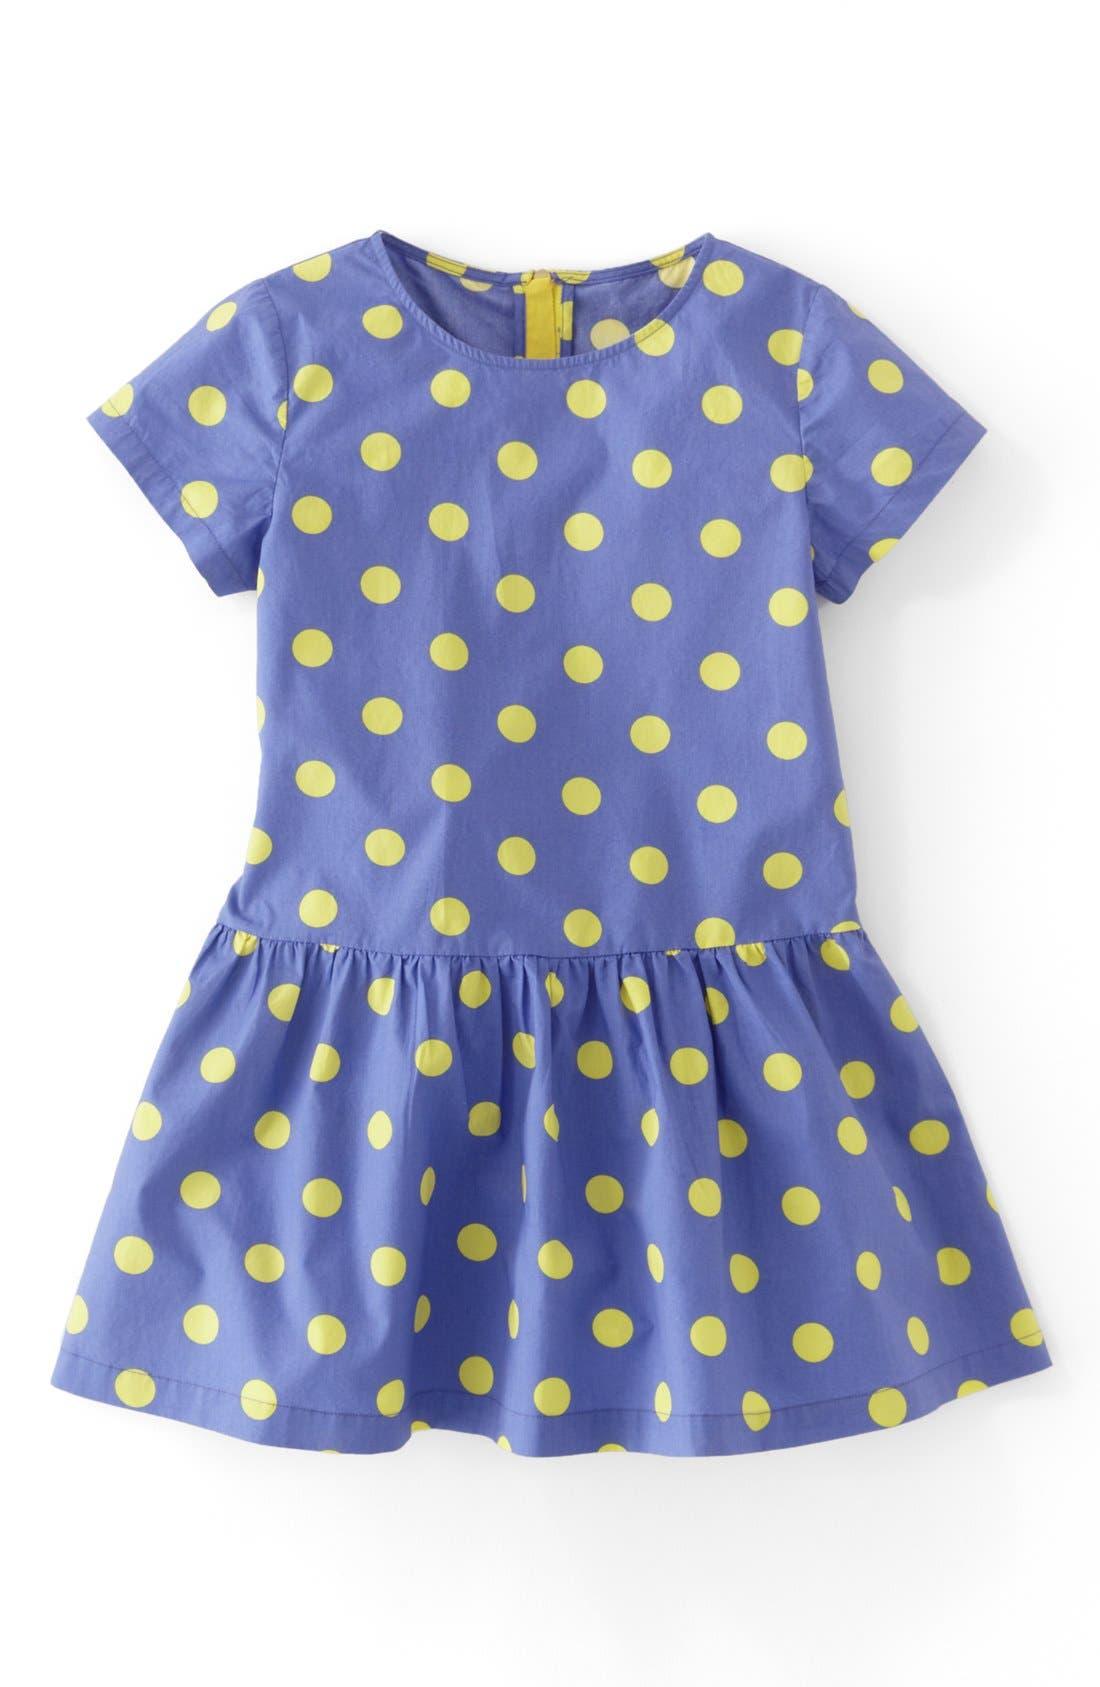 Alternate Image 1 Selected - Mini Boden 'Spotty' Dress (Little Girls & Big Girls)